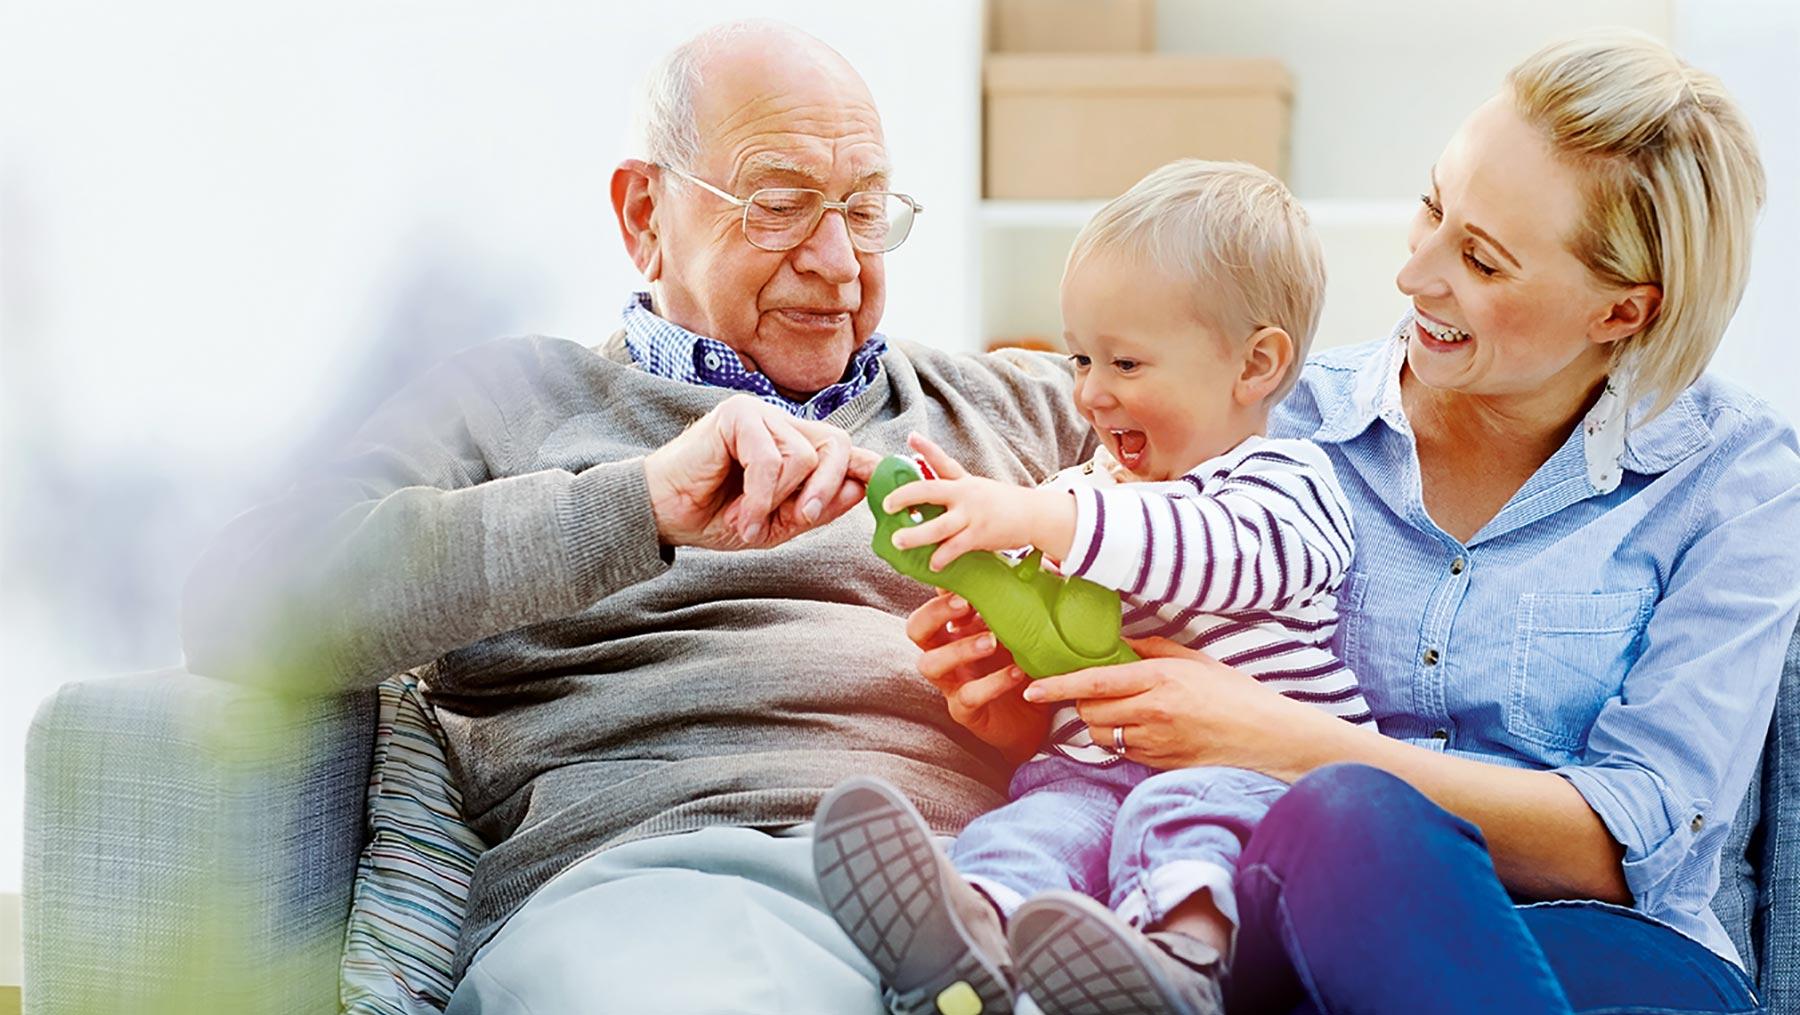 Sparen für Kinder oder Enkel